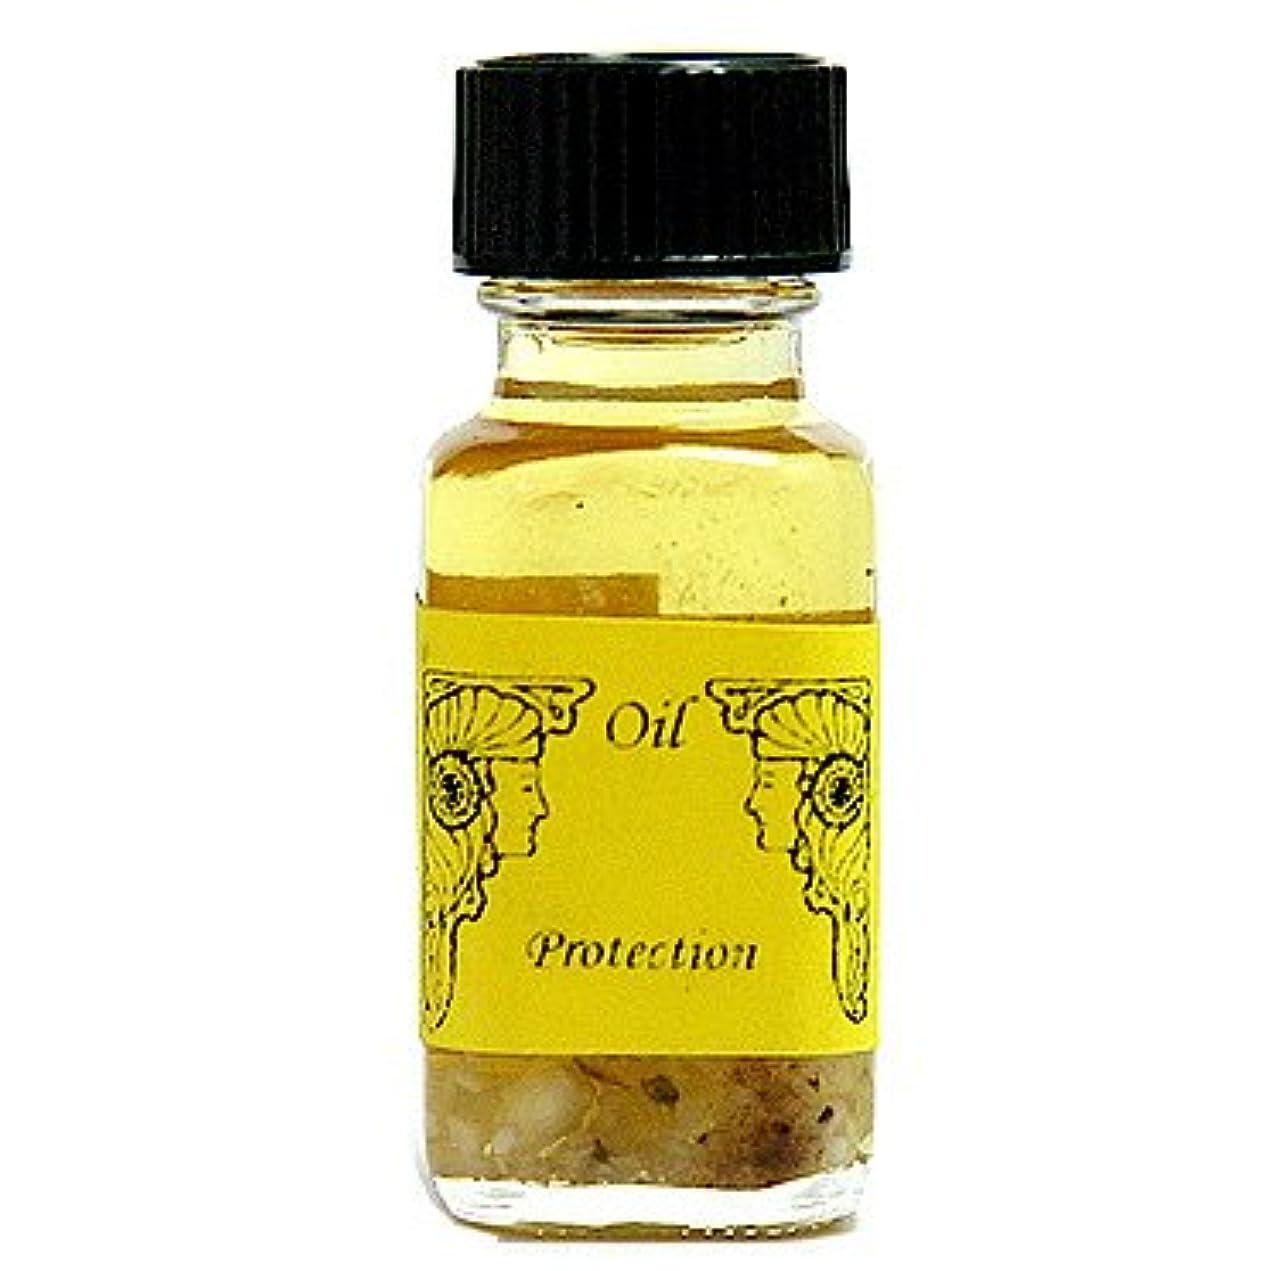 解説電信控えめなアンシェントメモリーオイル プロテクション (守護?厄よけ) 15ml (Ancient Memory Oils)